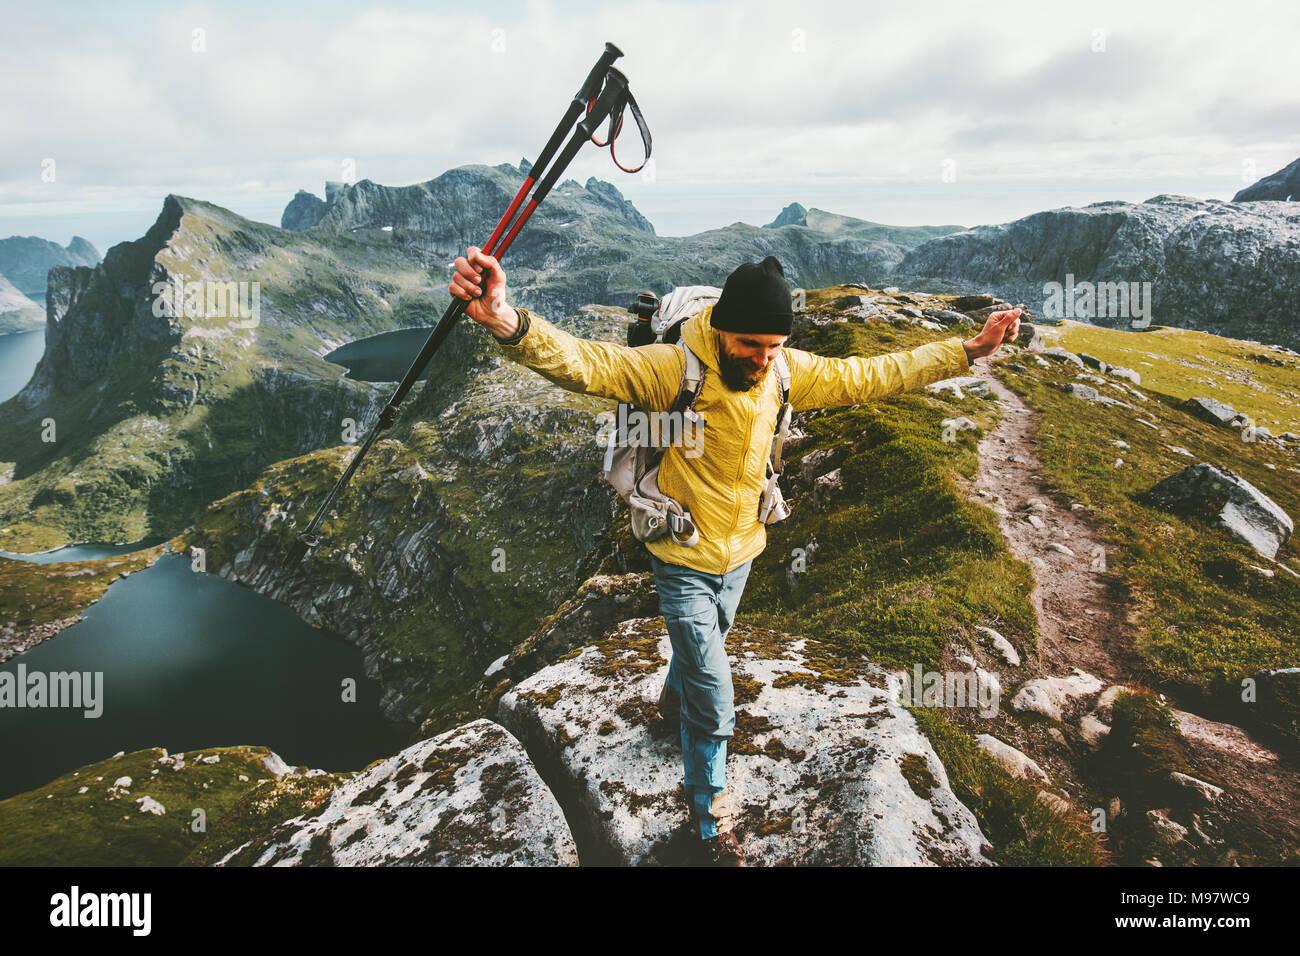 L'uomo avventuriero trail running nelle montagne della Norvegia Viaggio avventura dello stile di vita successo vincitore concetto escursionismo attivo vacanze estive all'aperto Immagini Stock